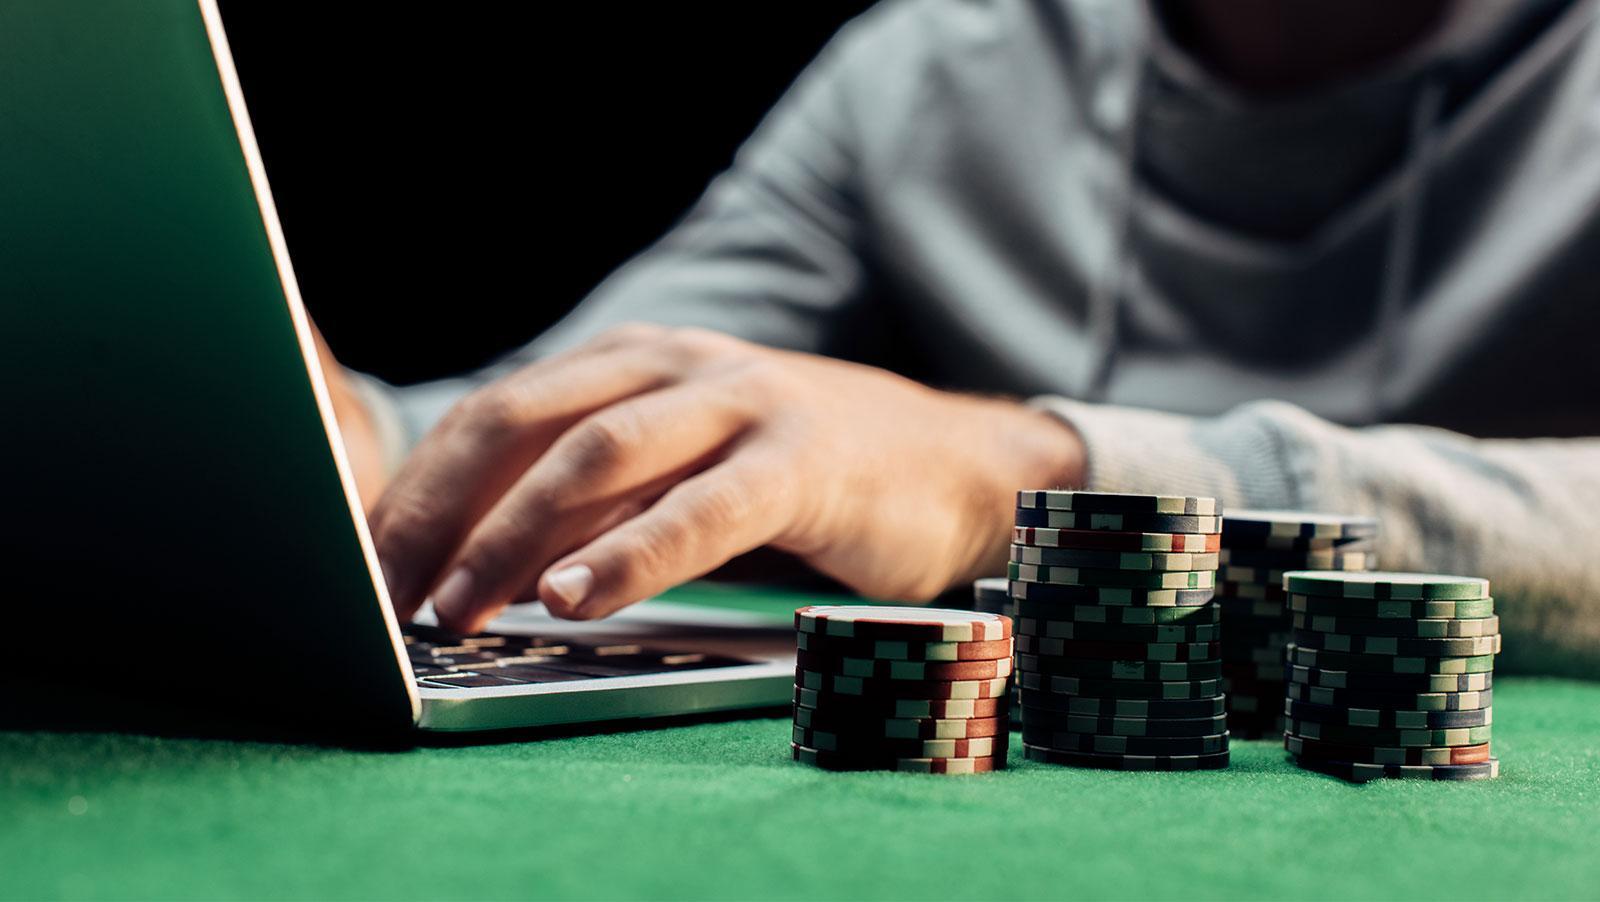 C:\Users\Thiru\Pictures\Online poker games.jpg